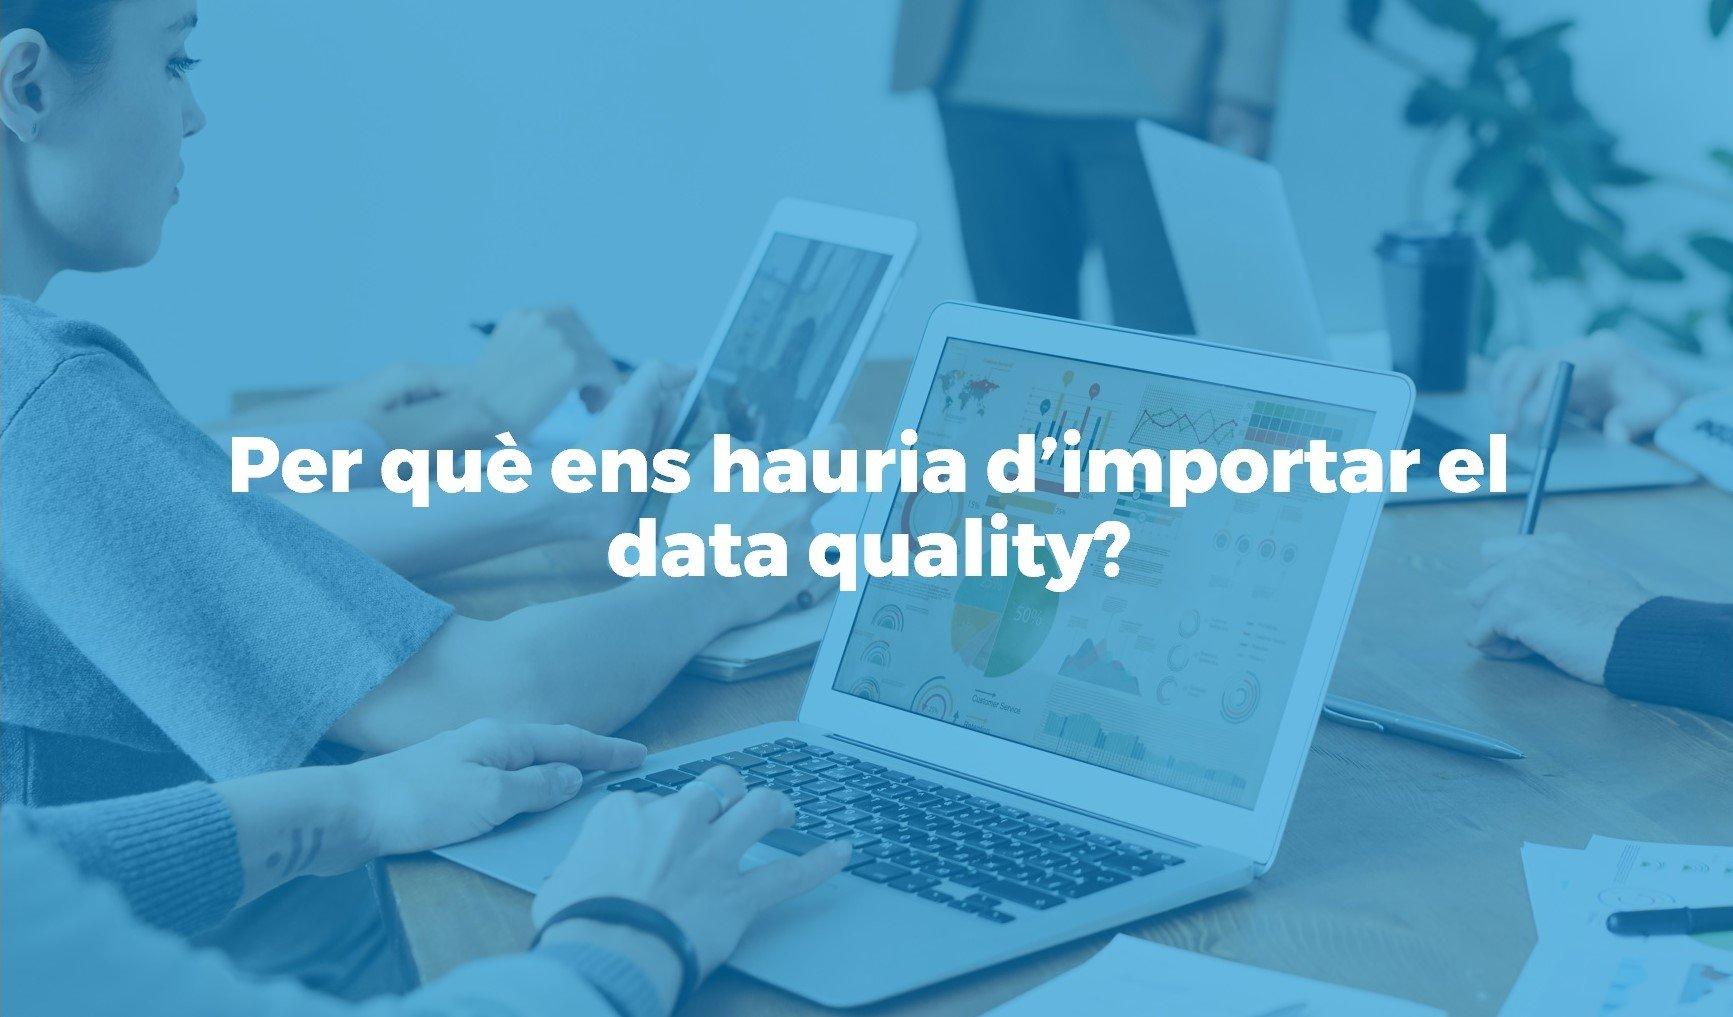 La importancia del data quality